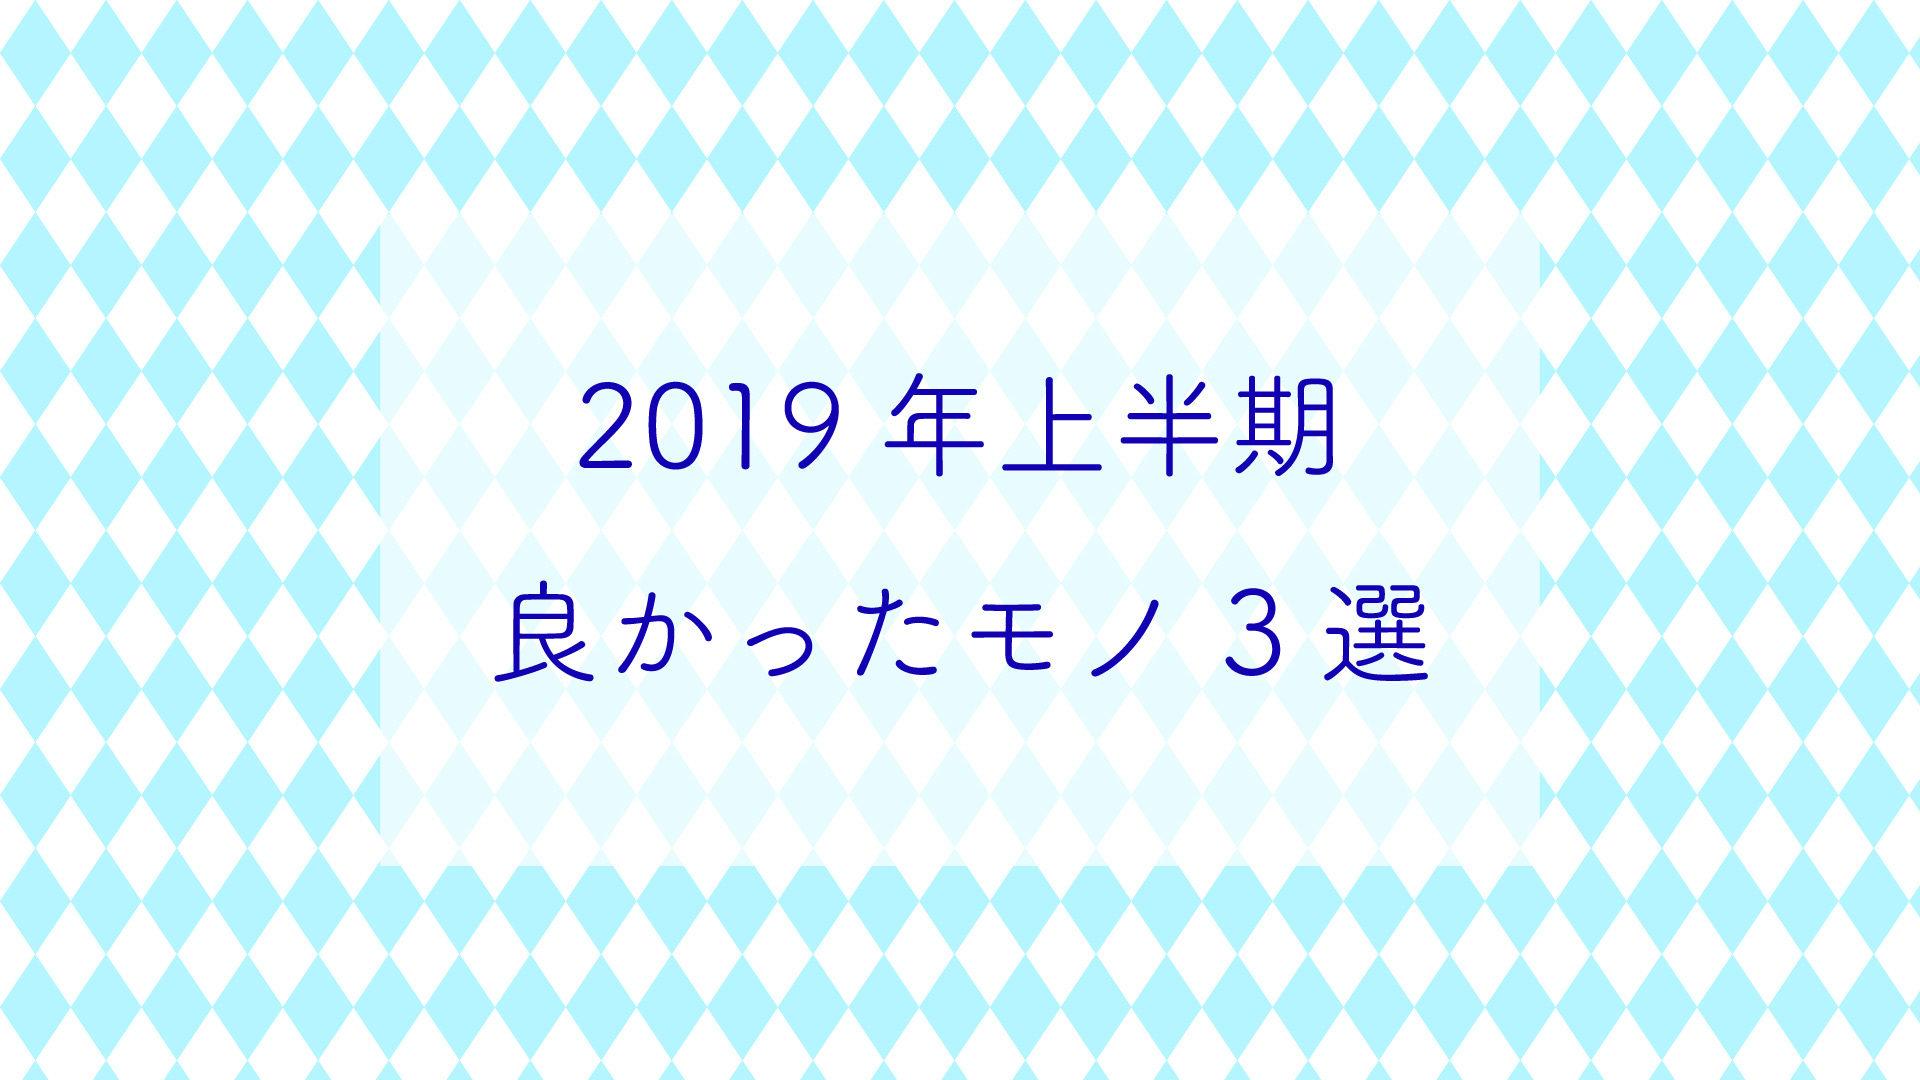 [2019年上半期]良かったモノ3選と今欲しいモノ3選